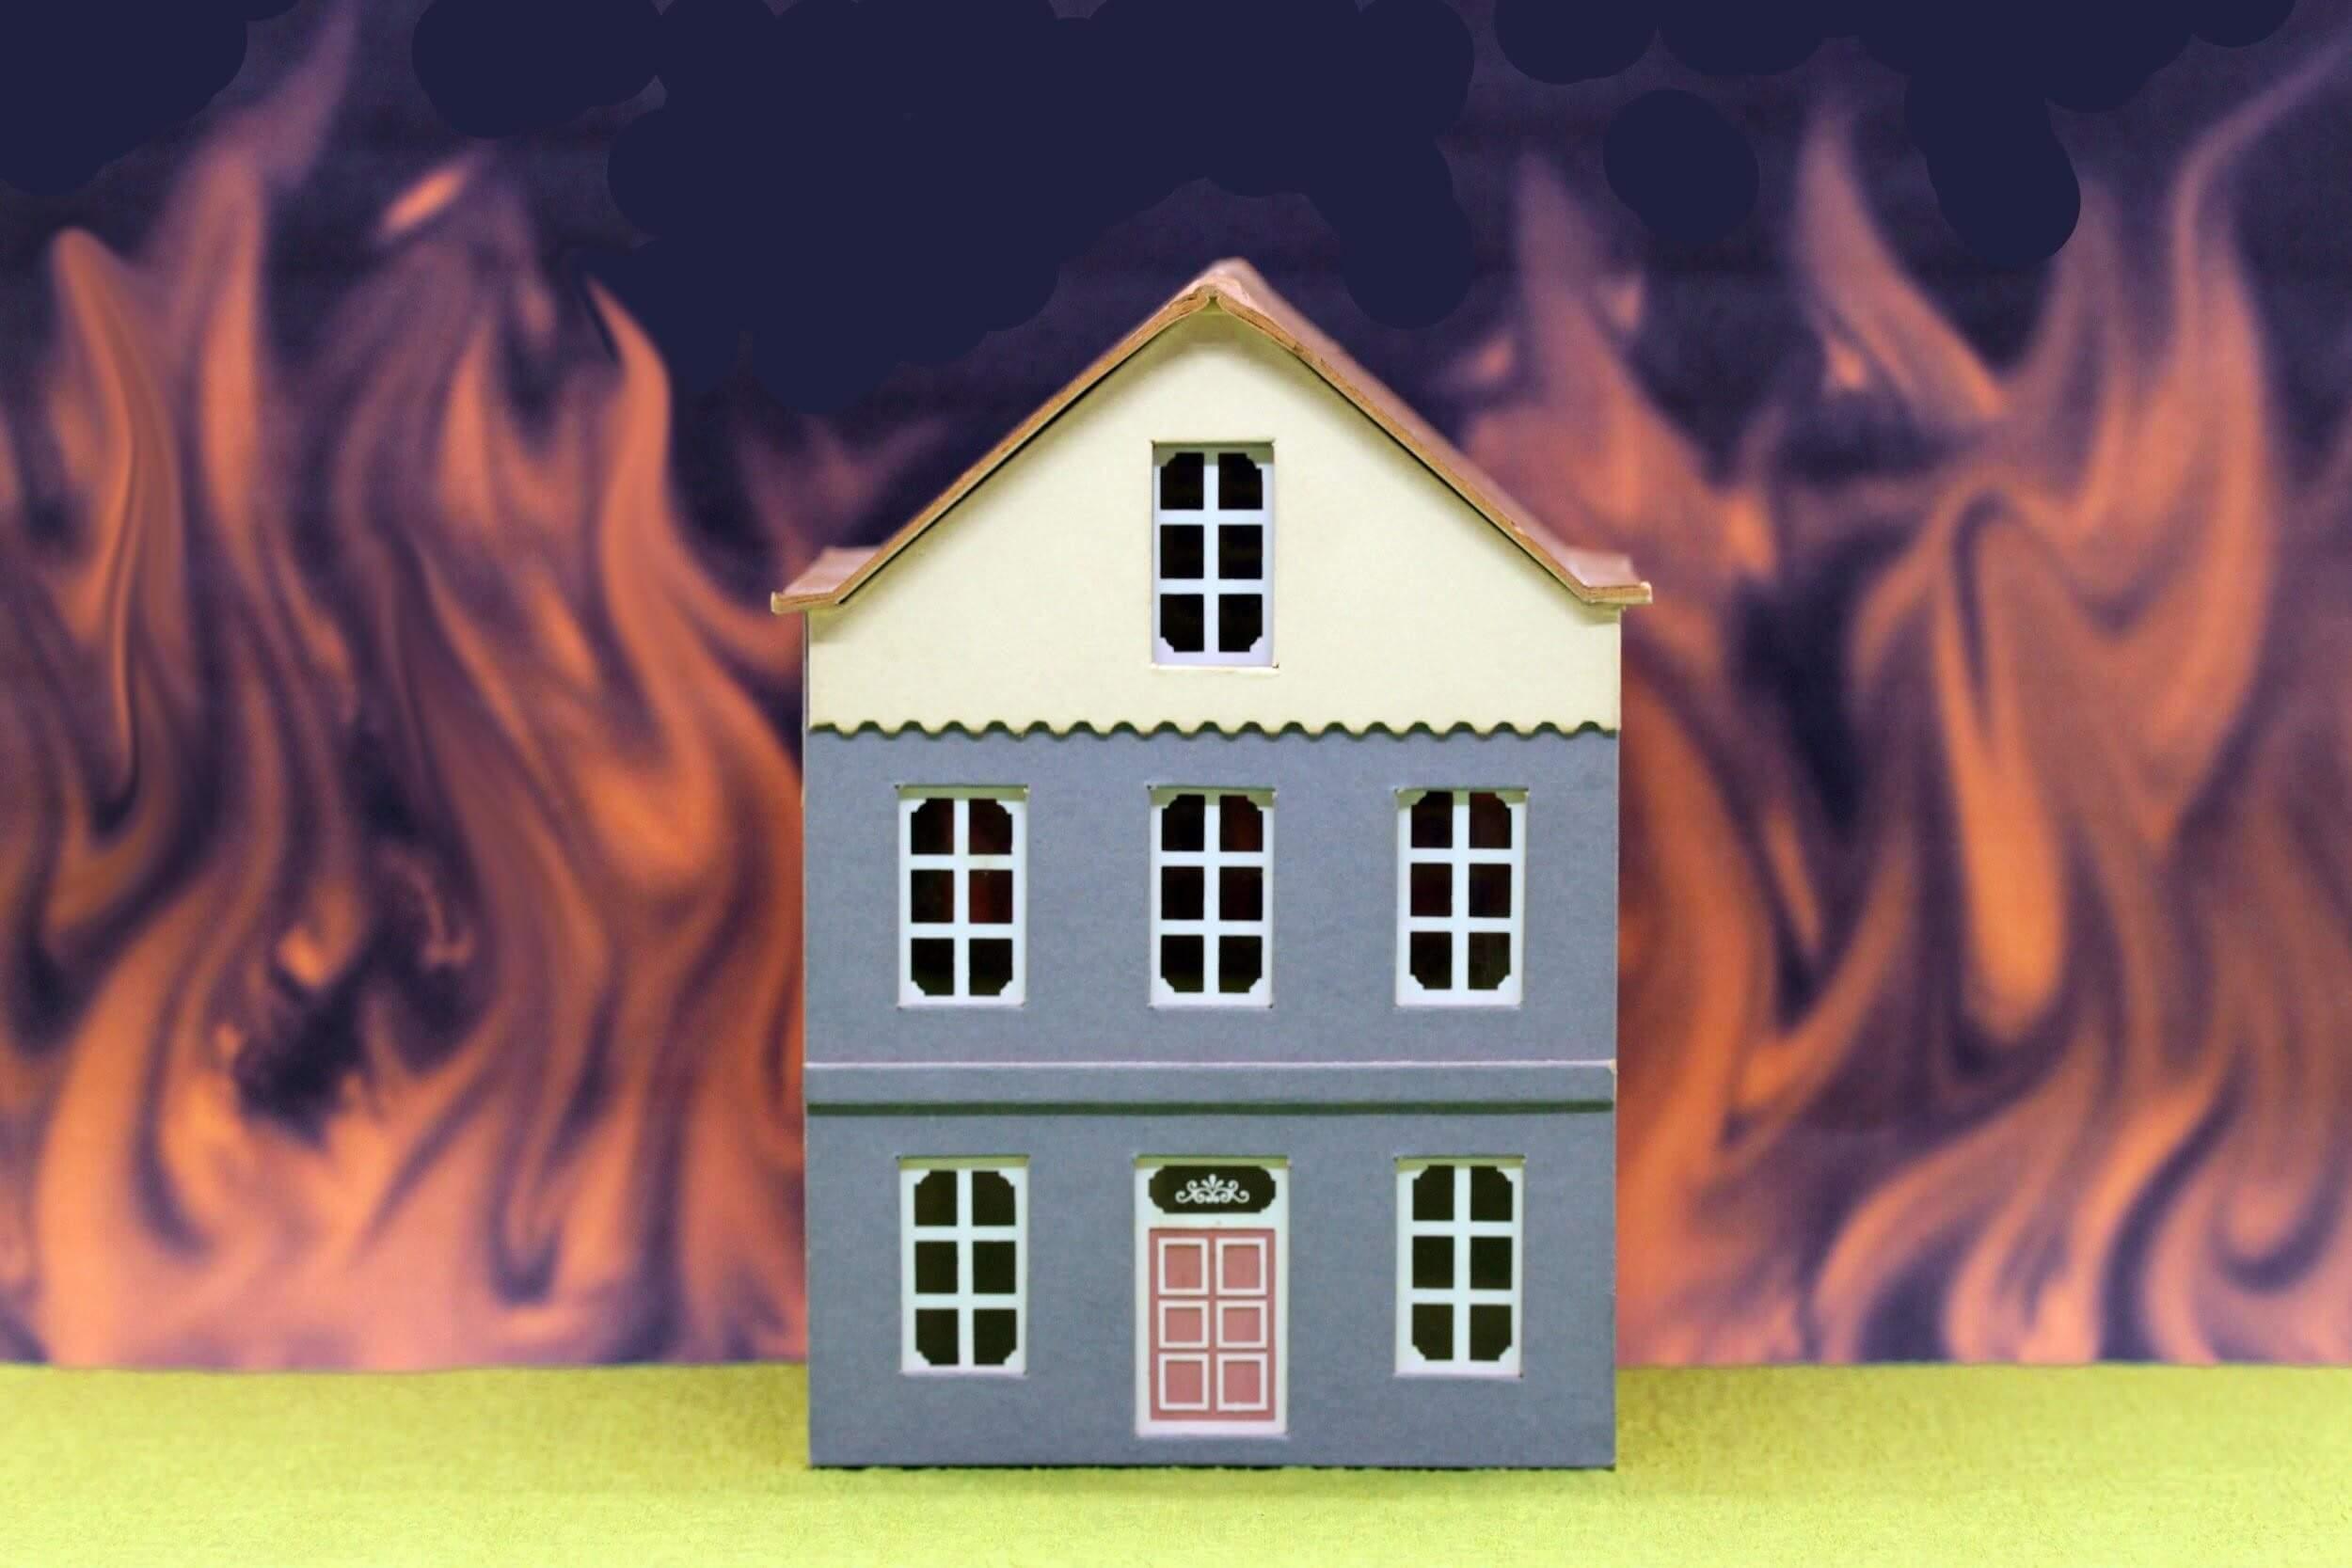 火災保険を使って補修費の自己負担を減らそう